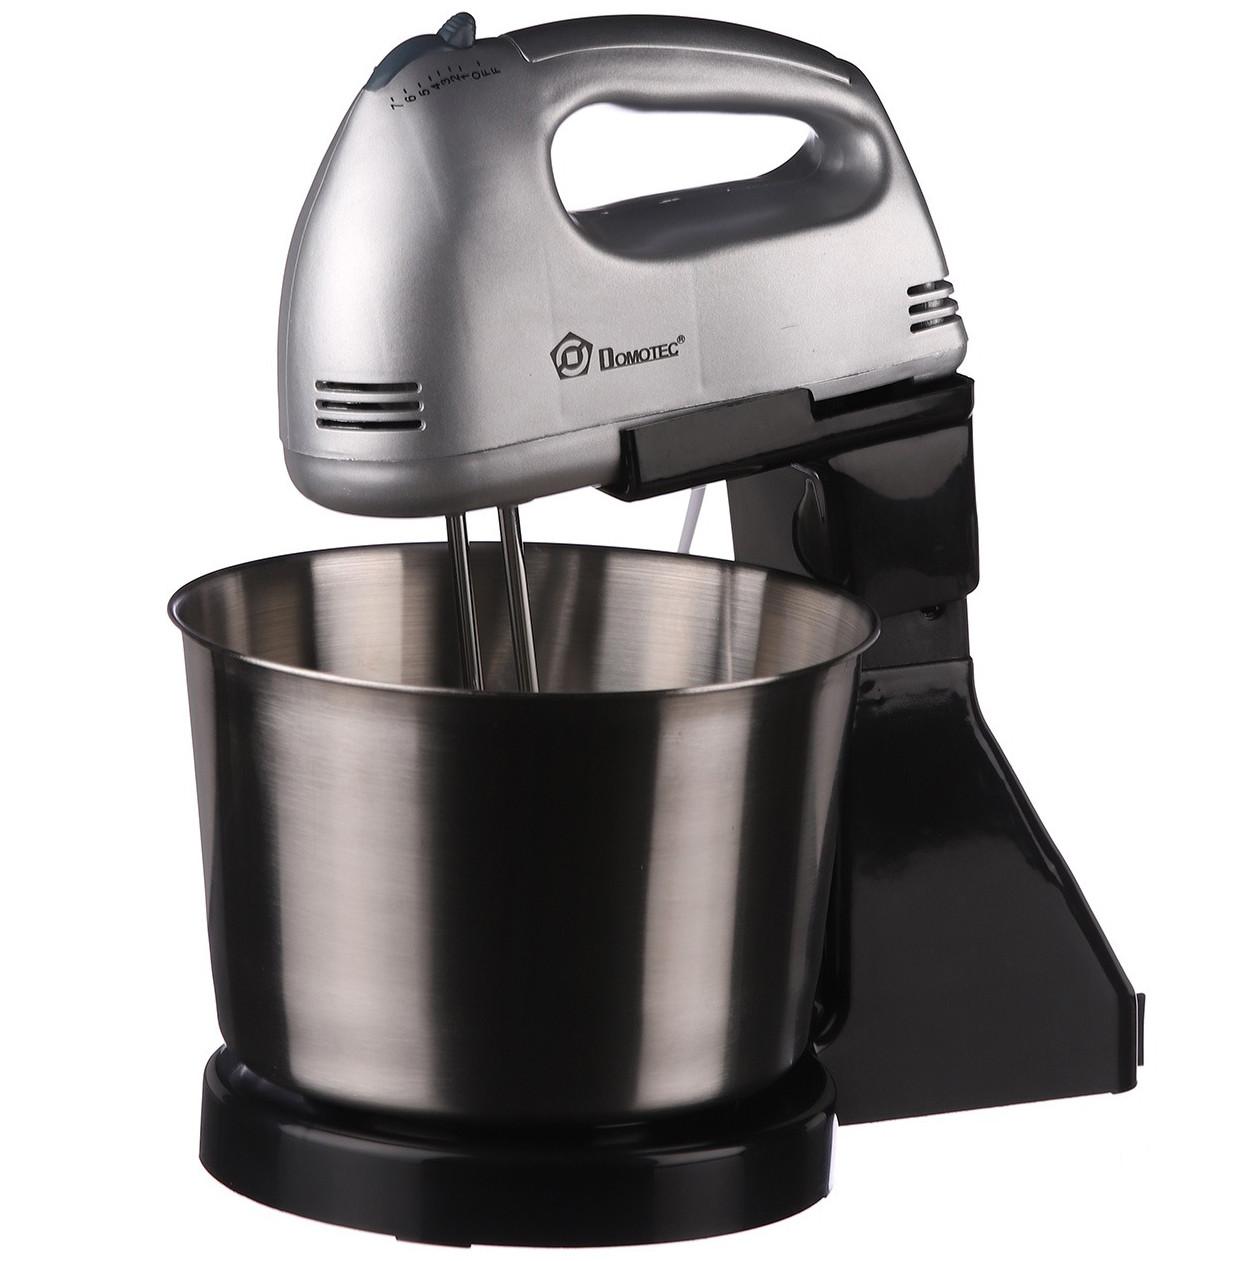 Міксер кухонний з чашею Domotec 2 л 200 Вт